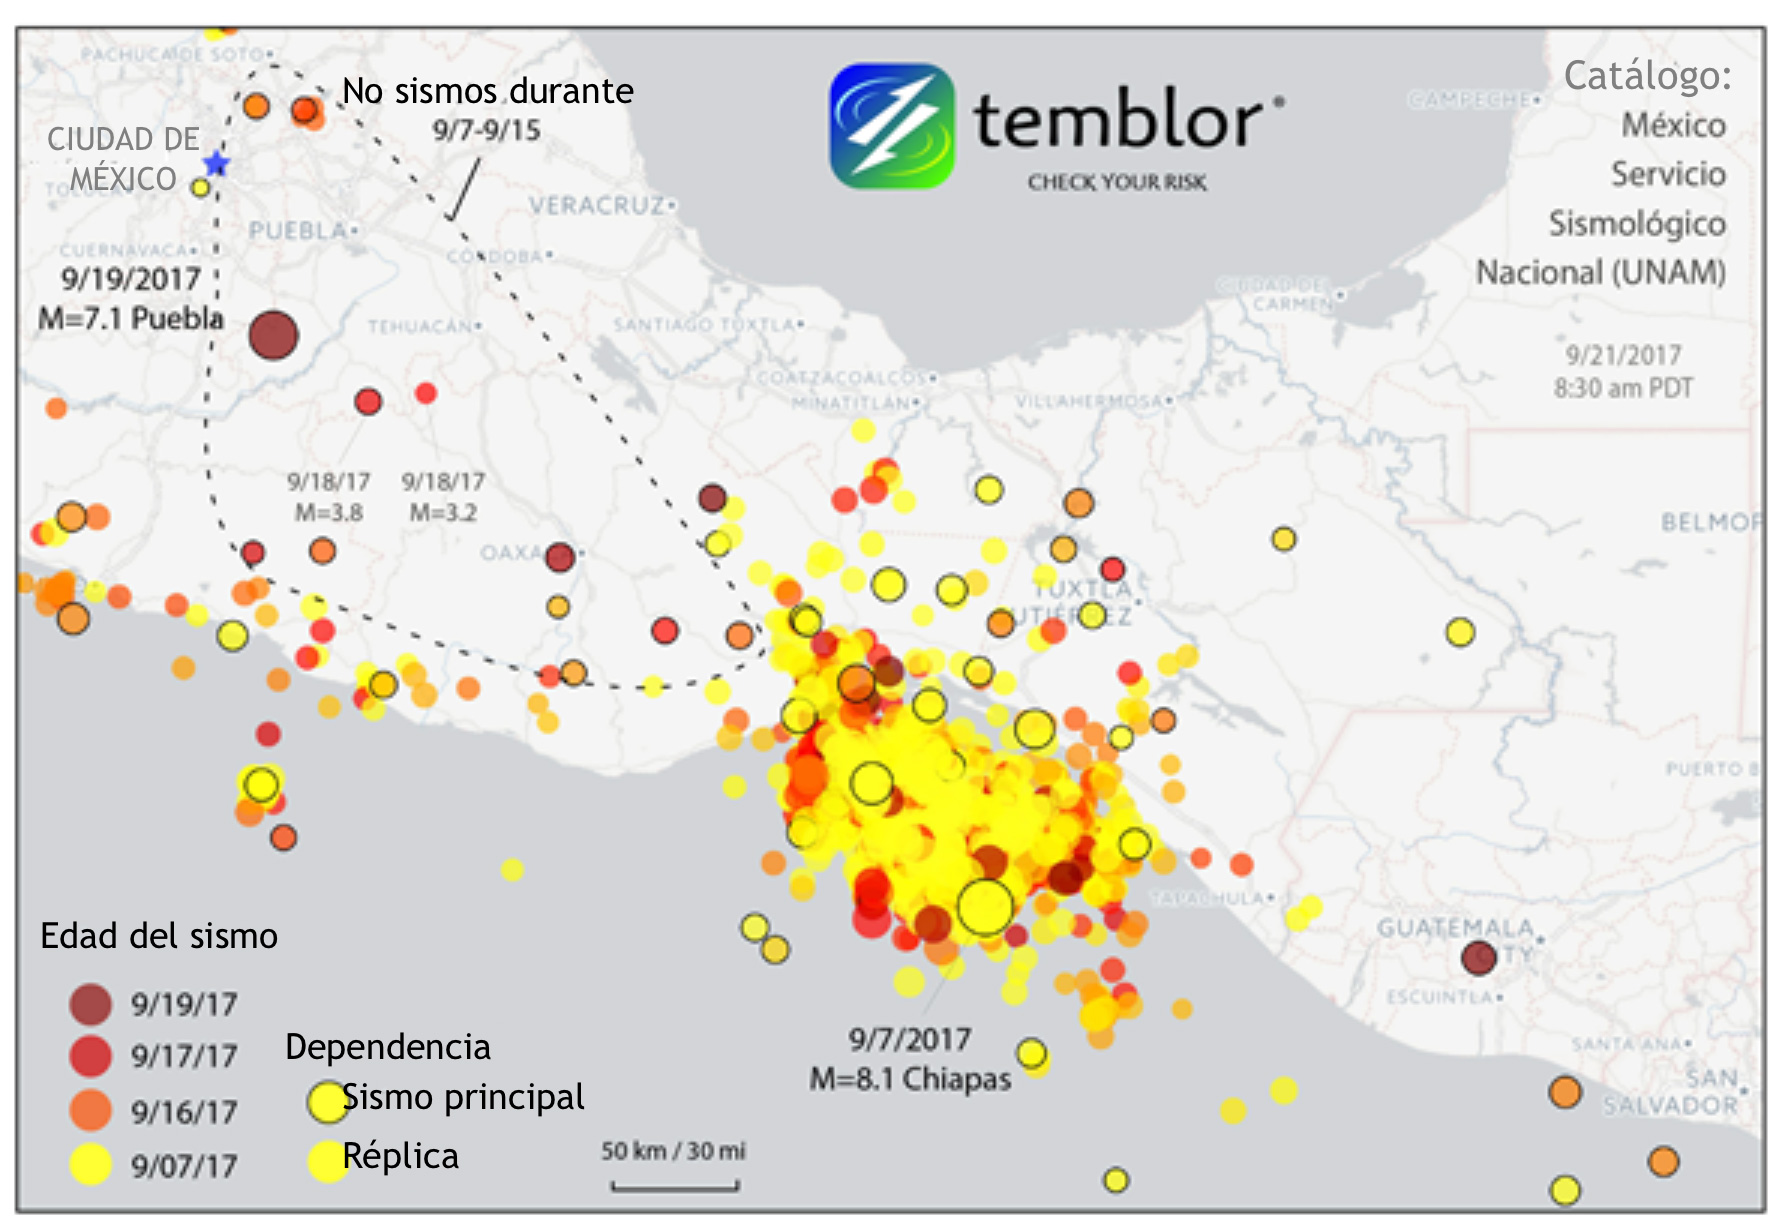 Este mapa, proporcionado por Temblor, presenta la ubicación de los terremotos en la región sur y centro de México, iniciando a partir de 7 de septiembre (el día del terremoto de M=8.1 en Chiapas). En esta figura, si un terremoto tiene un contorno negro, se trata de un sismo principal, mientras si no lo tiene, se trata de una réplica de un sismo principal. Un punto interesante que observar es que, en el nivel de detección anterior (M=3), no hubo réplicas a partir del terremoto de M=7.1 en Puebla el día de ayer.